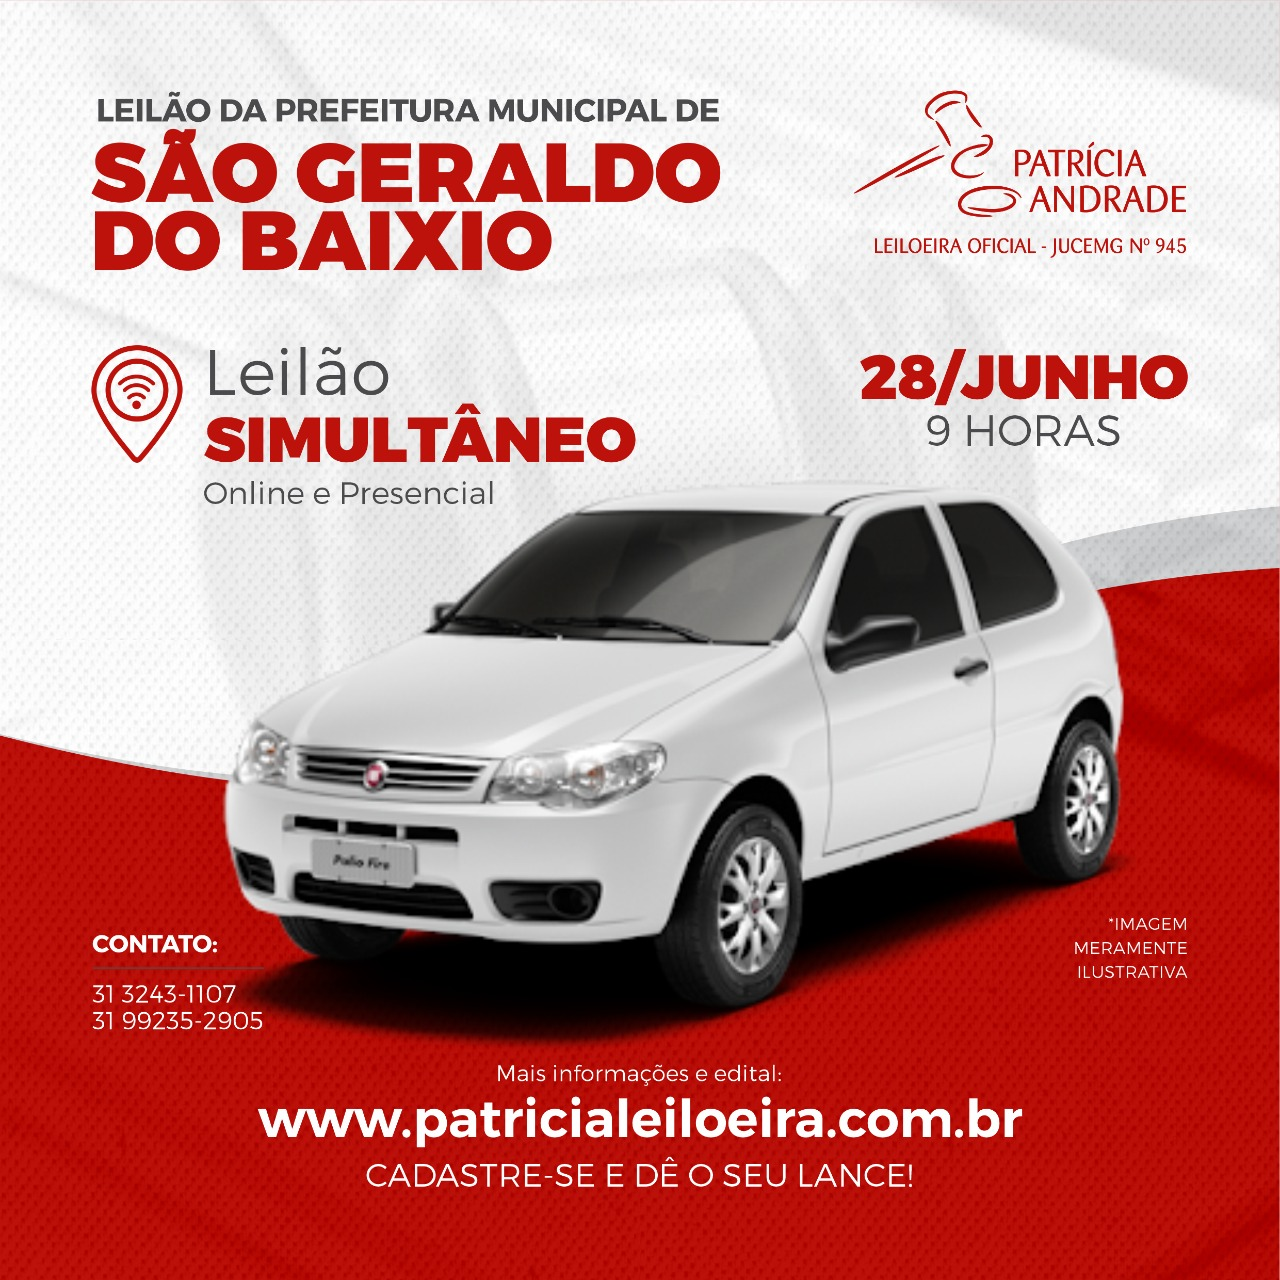 LEILÃO DA PREFEITURA MUNICIPAL DE SÃO GERALDO DO BAIXIO